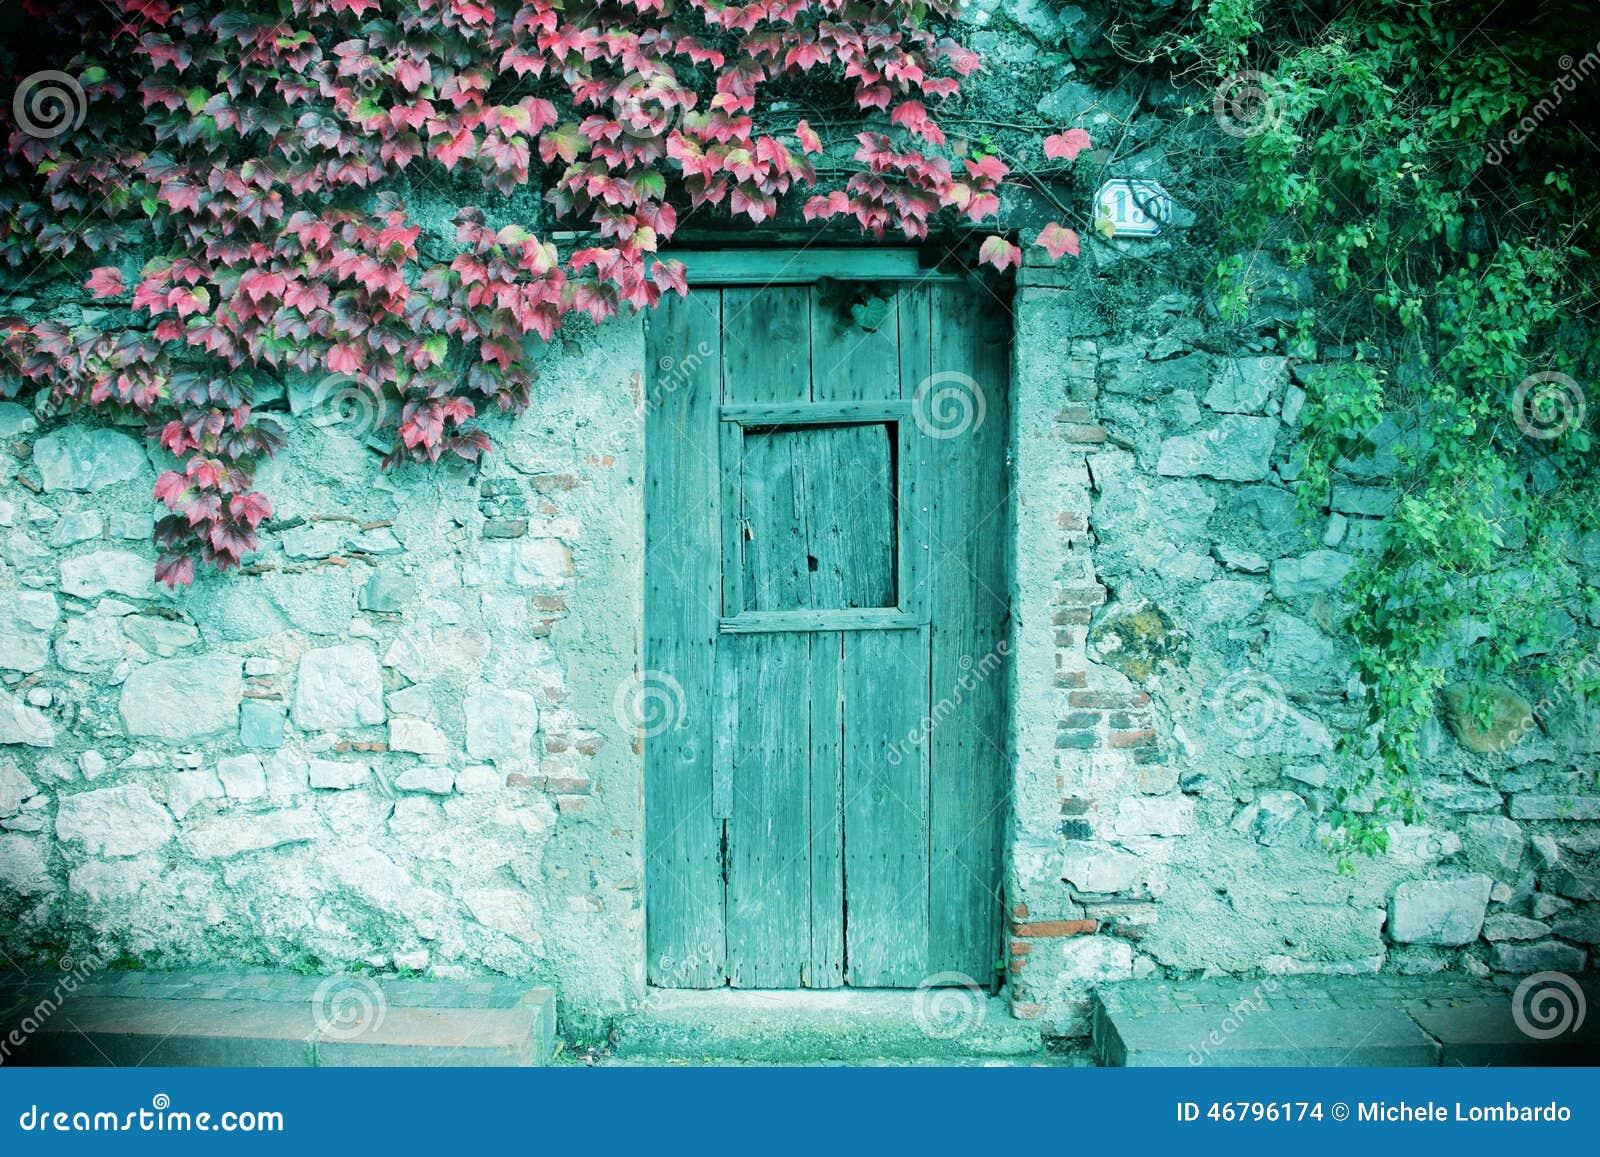 Parete Di Pietra Antica E Un A Porta Chiusa Di Legno